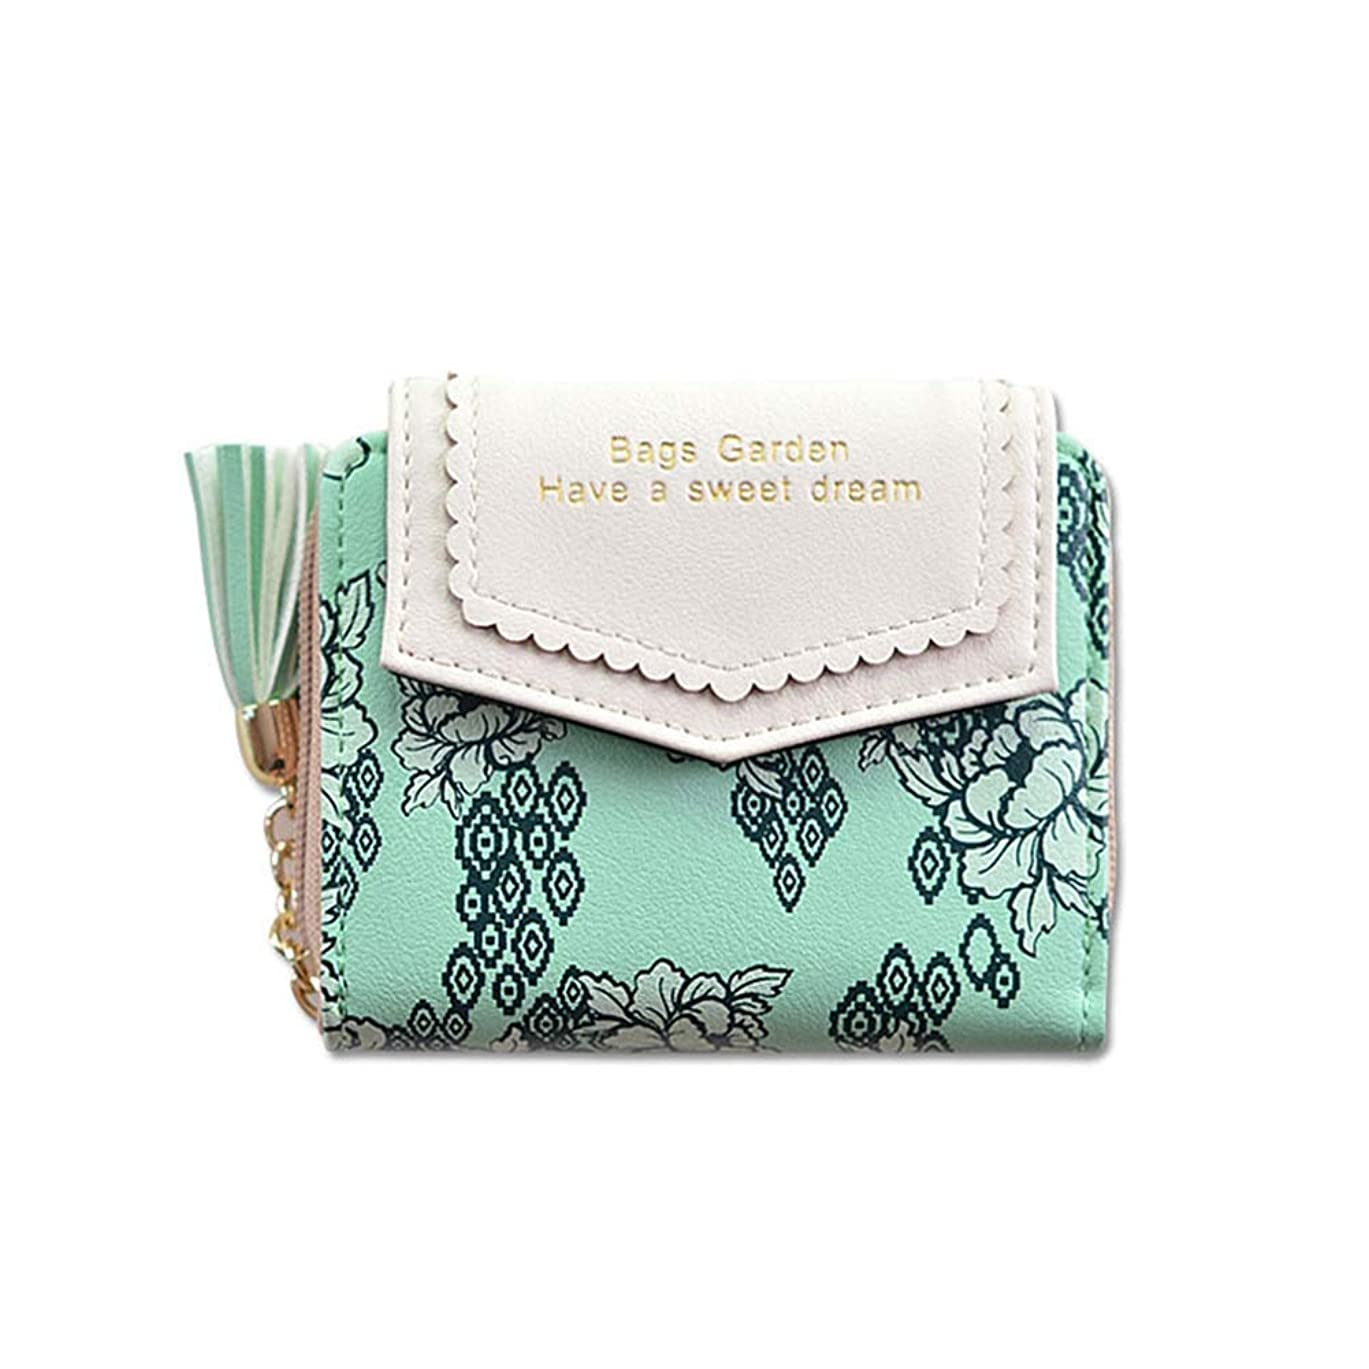 コミットくつろぎ自然公園[QIFENGDIANZI]二つ折り財布 レディース 花柄 かわいい ミニ財布 がま口 大容量 小銭入れ カードケース 携帯便利 女性用 プレゼント おしゃれ 小型 軽量 仕切り 11.5 * 9.5 * 3CM